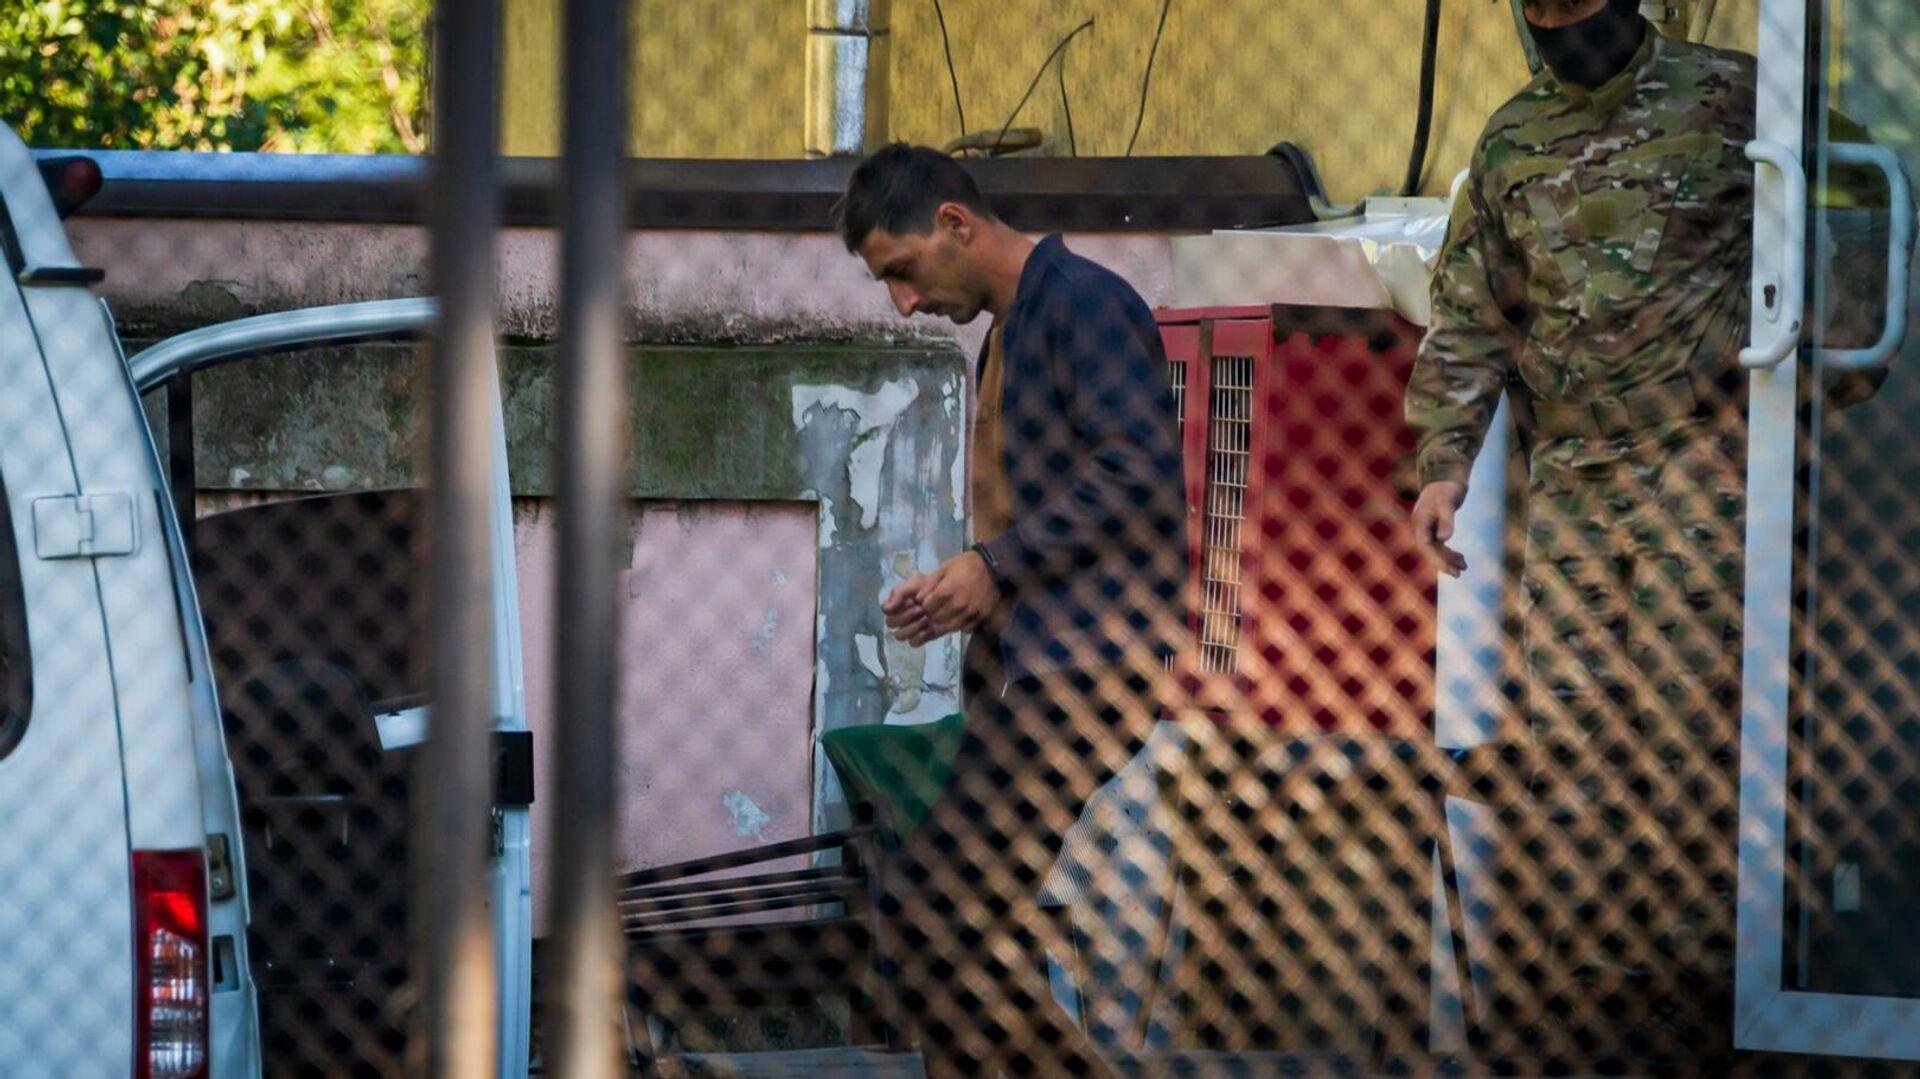 23 августа в Перевальном произошел прорыв трубопровода, по которому газ поступает в воинскую часть. Прорыв был ликвидирован вечером в тот же день. По подозрению в организации диверсии задержаны первый замглавы запрещенного в России меджлиса крымско-татарского народа* Нариман Джелялов и его сообщники. Суд избрал им меру пресечения в виде заключения под стражу сроком на два месяца - до 4 ноября 2021 года. - РИА Новости, 1920, 15.09.2021